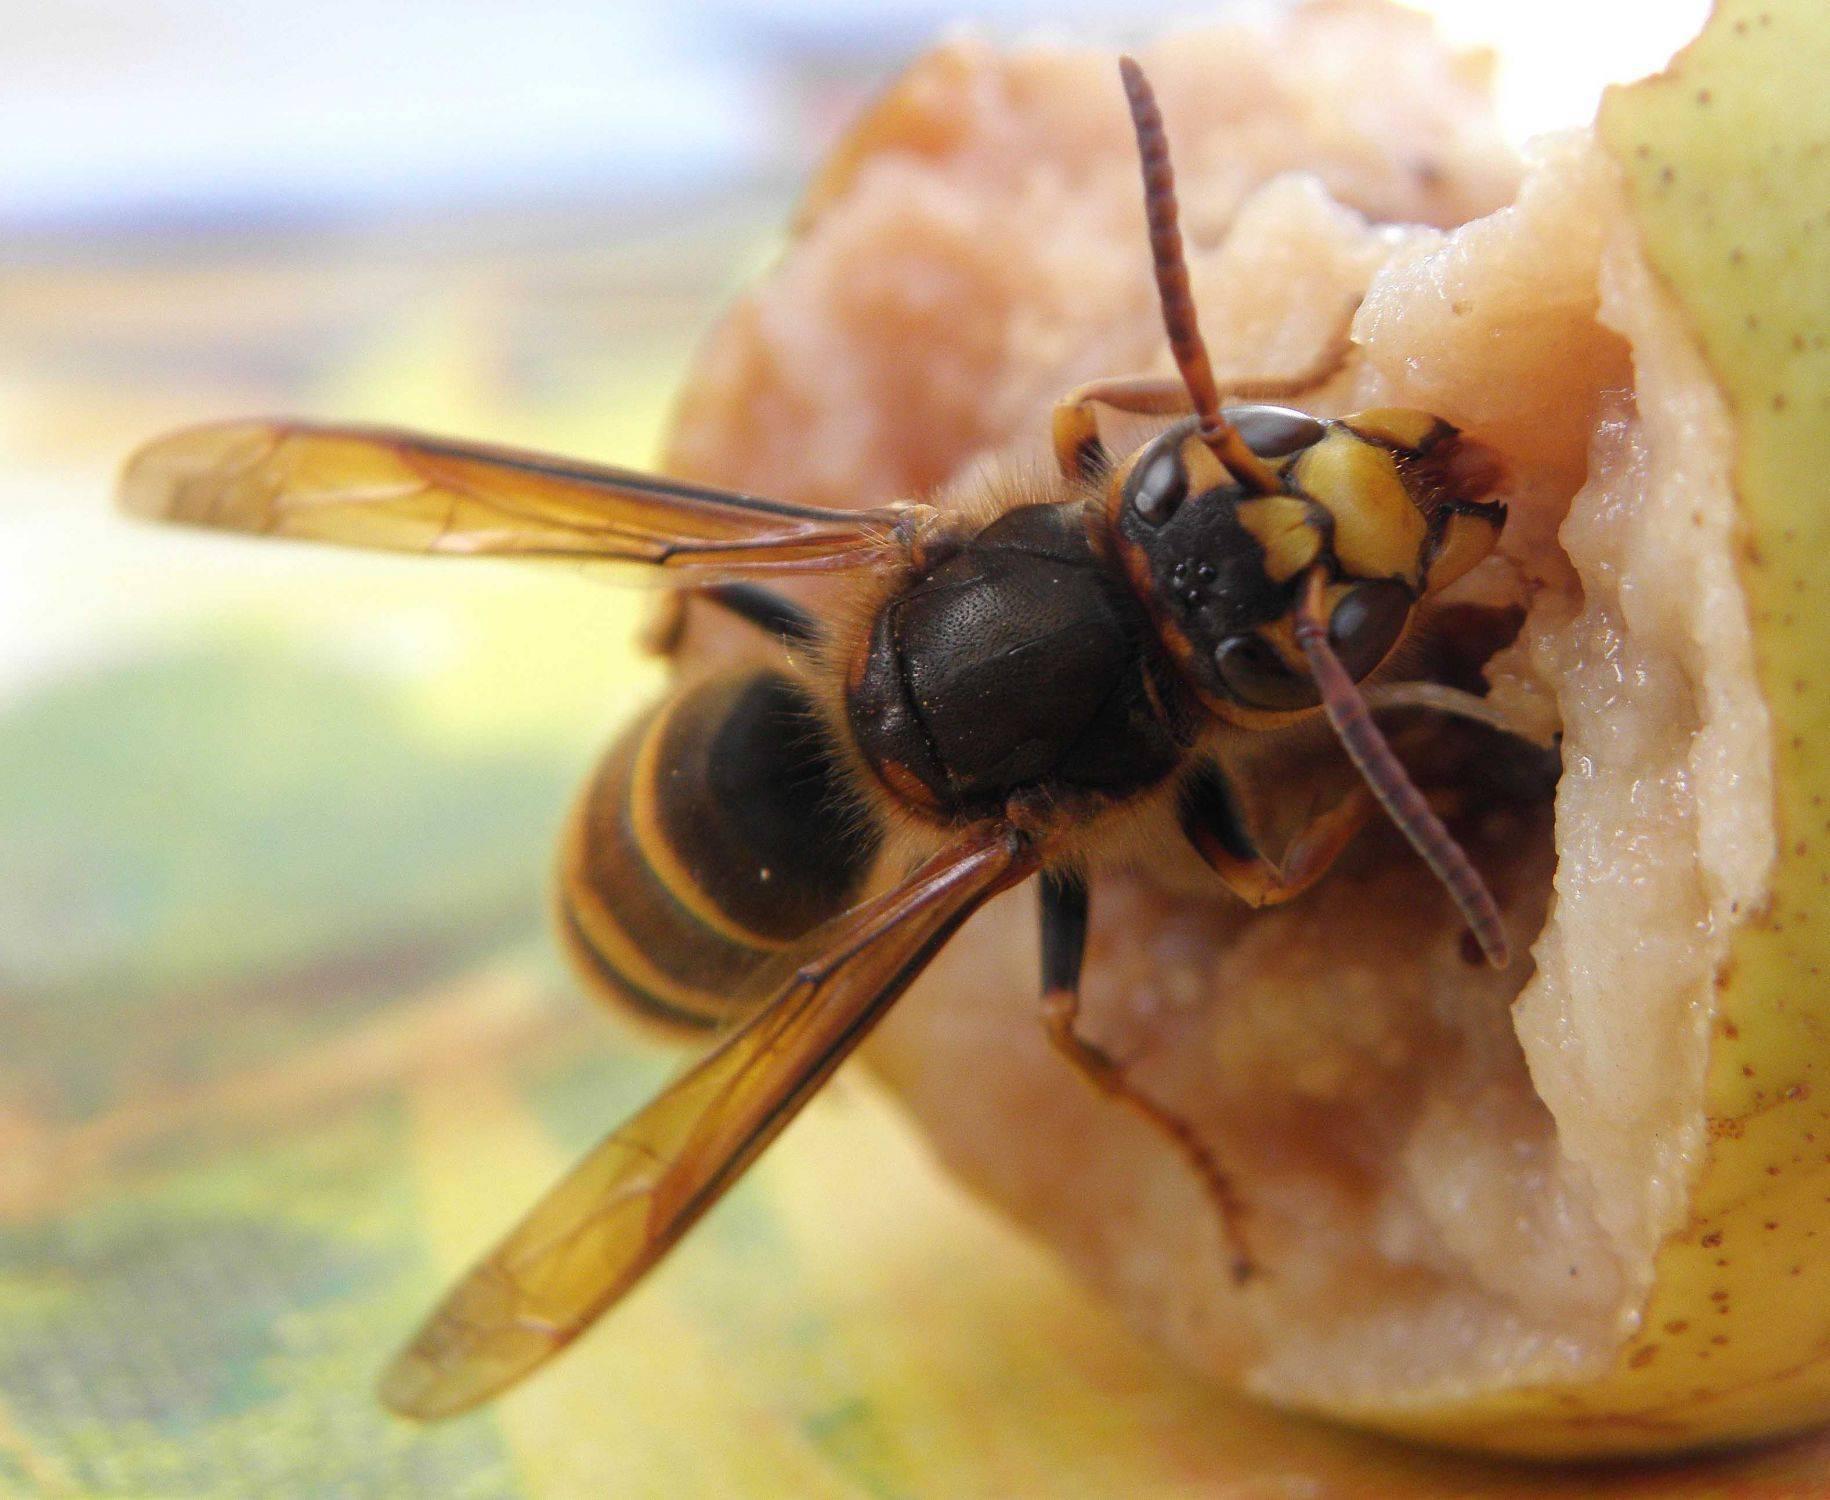 Шершень: описание, размножение, виды, фото, что ест, где живет